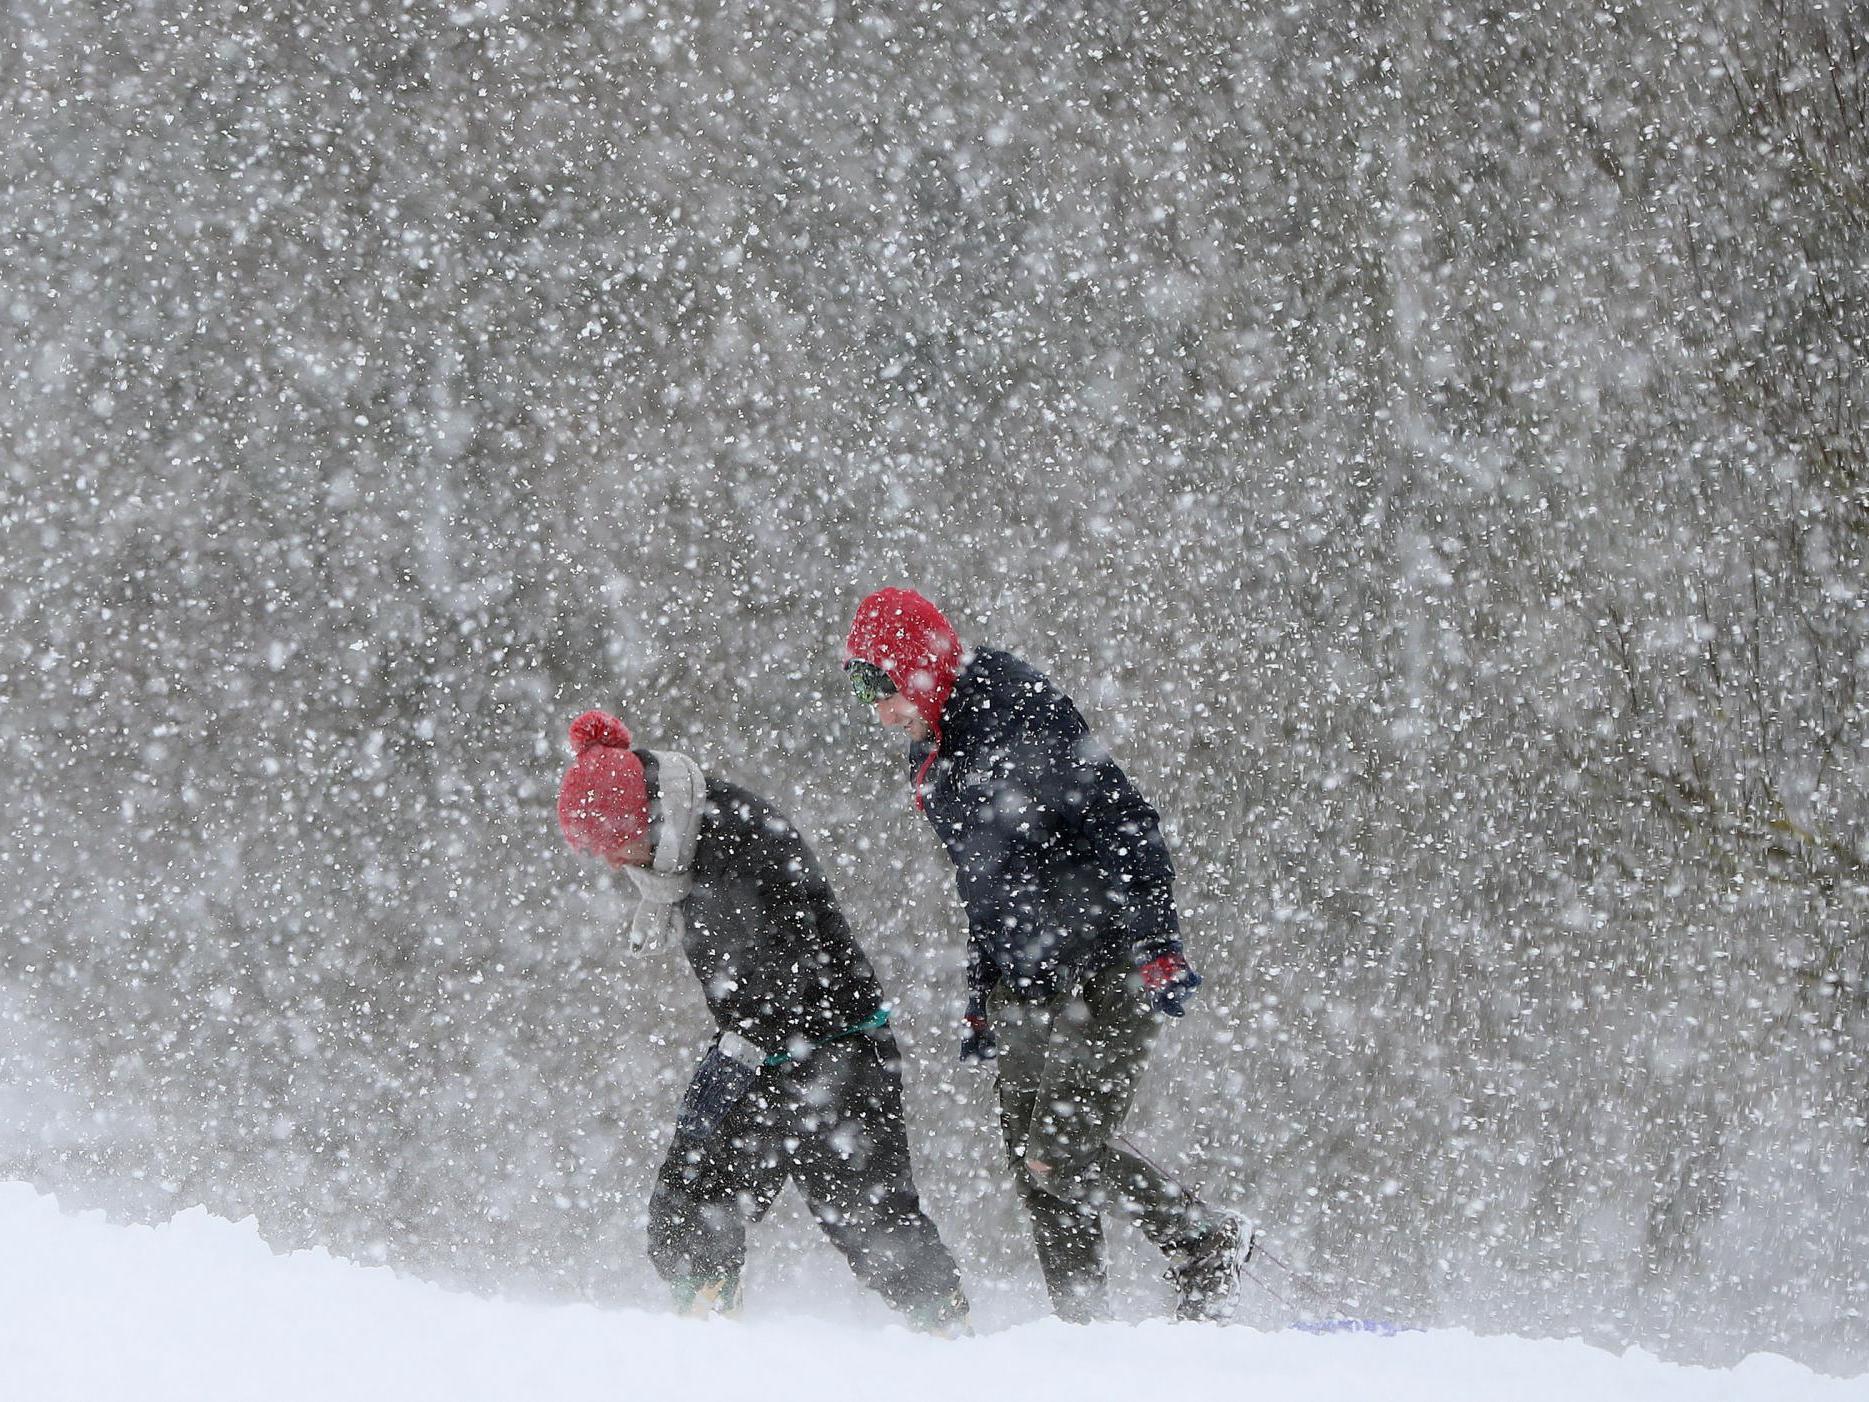 Hai người đi bộ trong trời tuyết trắng xóa mùa đông